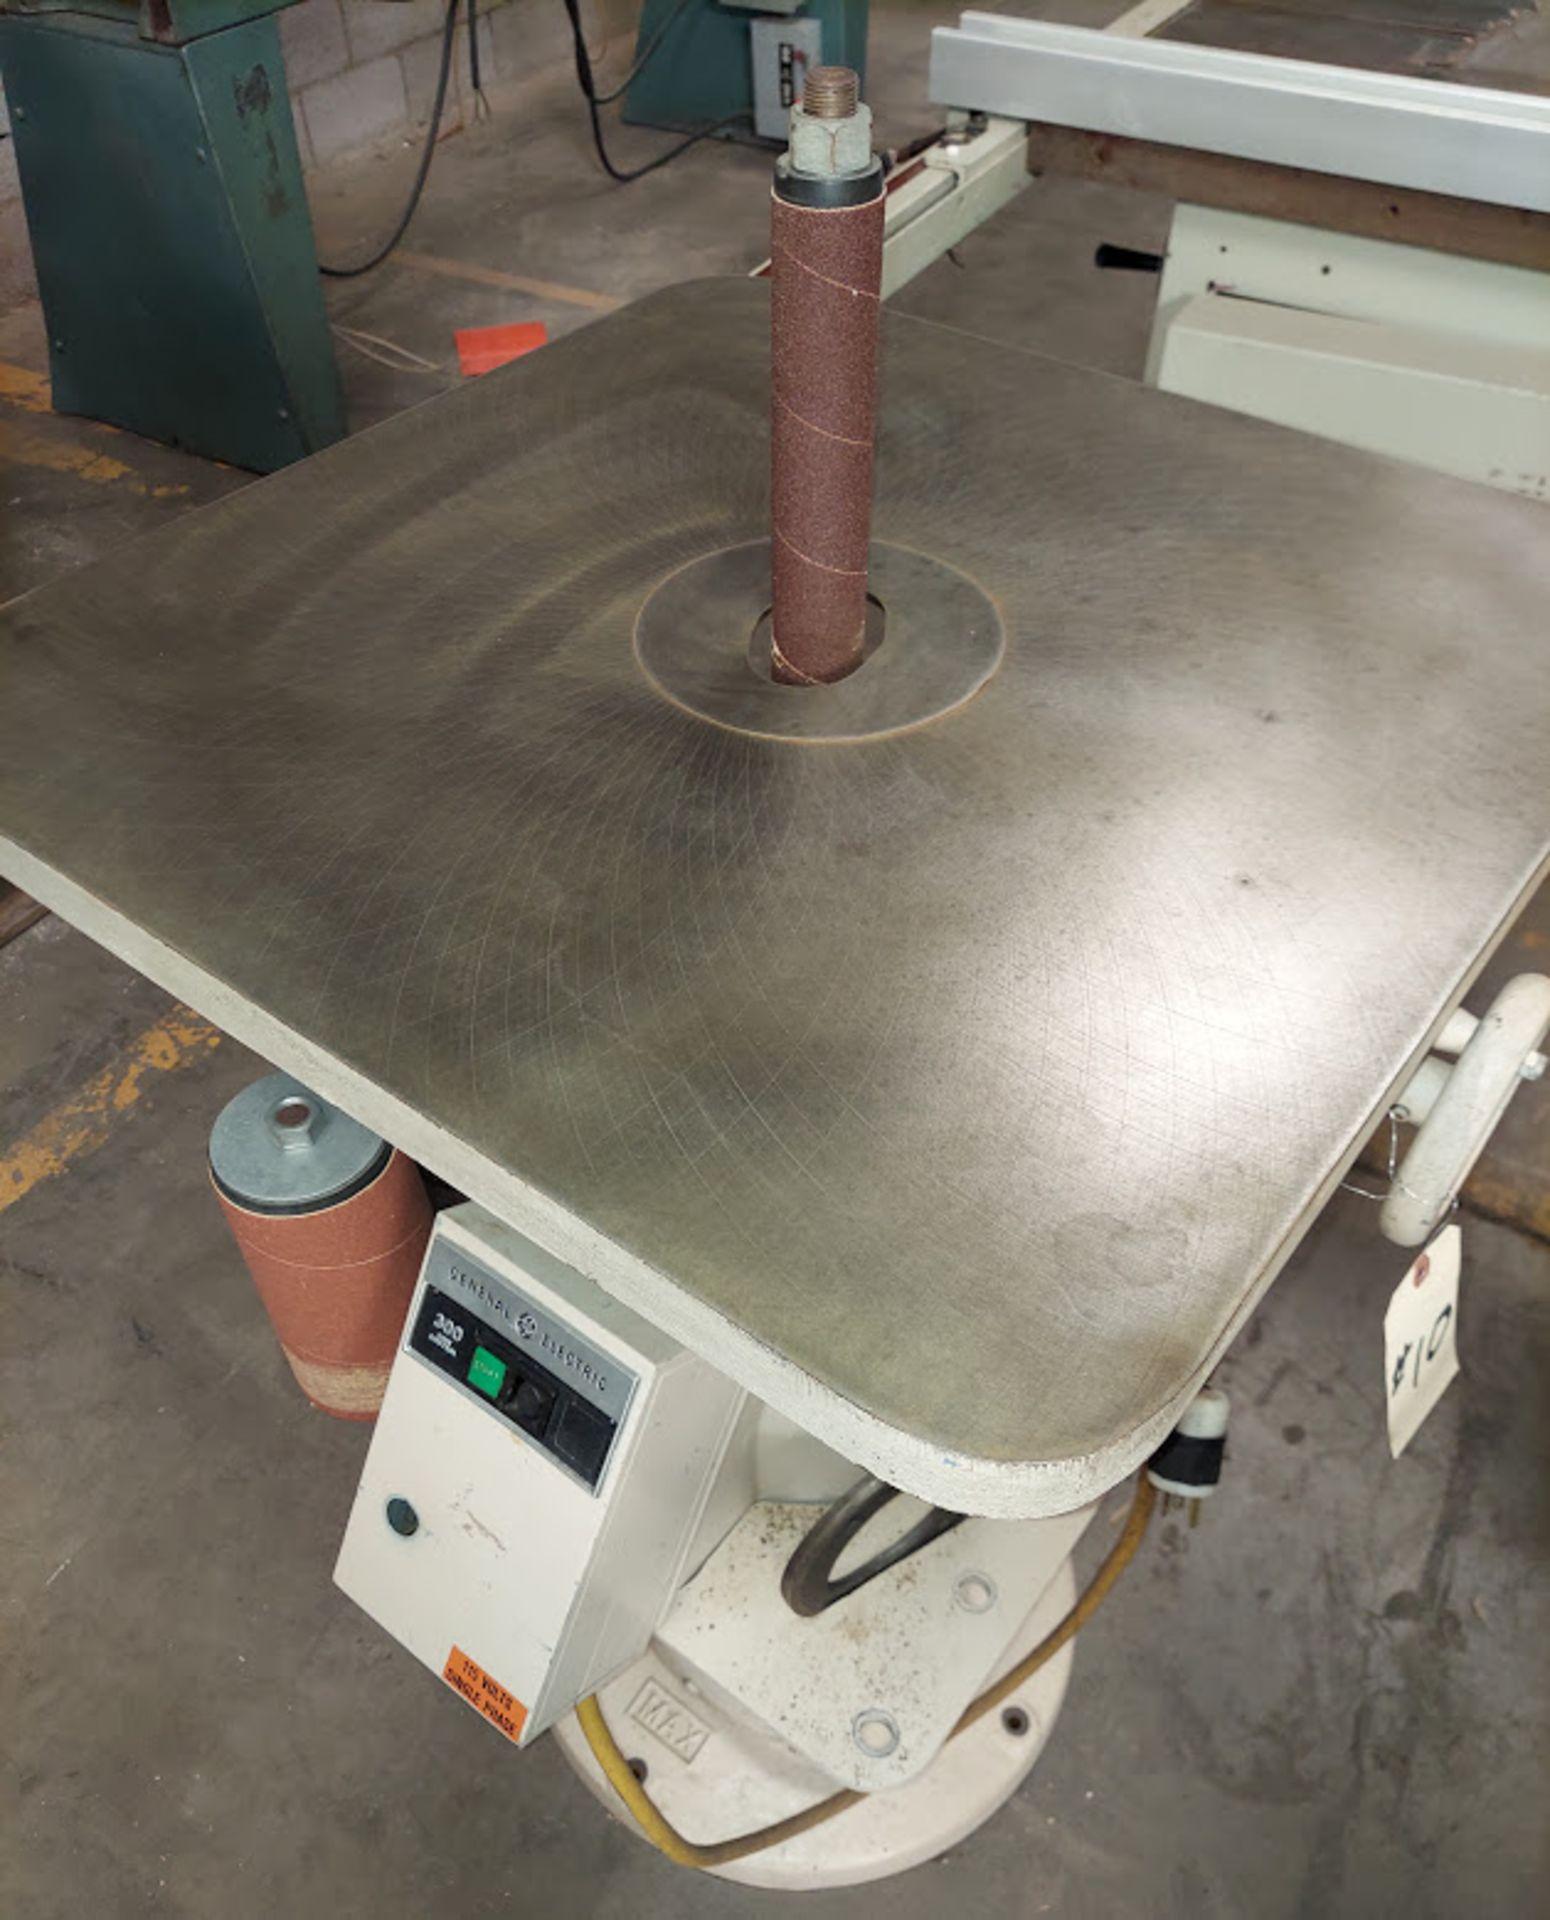 Max Industrial Oscillating Vertical Spindle Sander, Model #VSI-15, 5 - Spindles & Plates, 115 Volts - Image 3 of 5